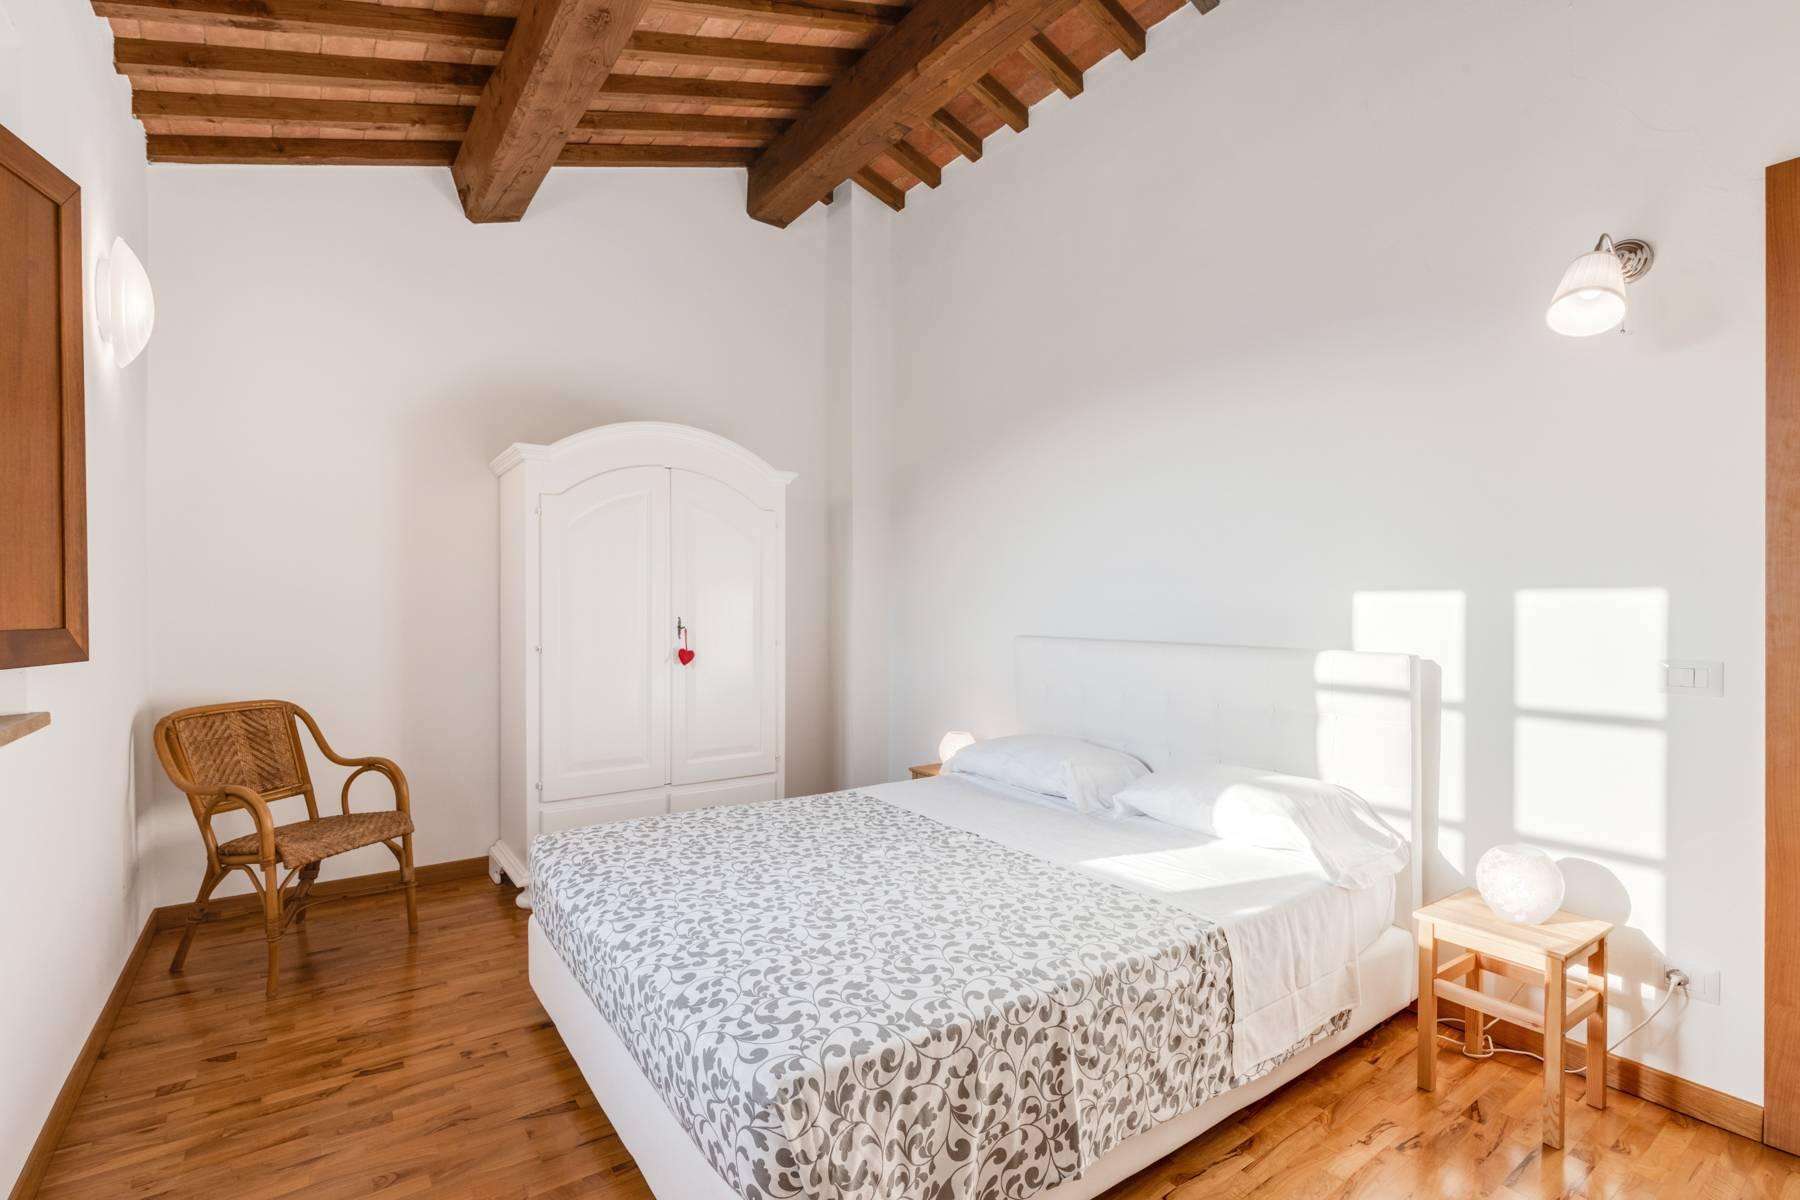 Rustico in Vendita a Monsummano Terme: 5 locali, 380 mq - Foto 9